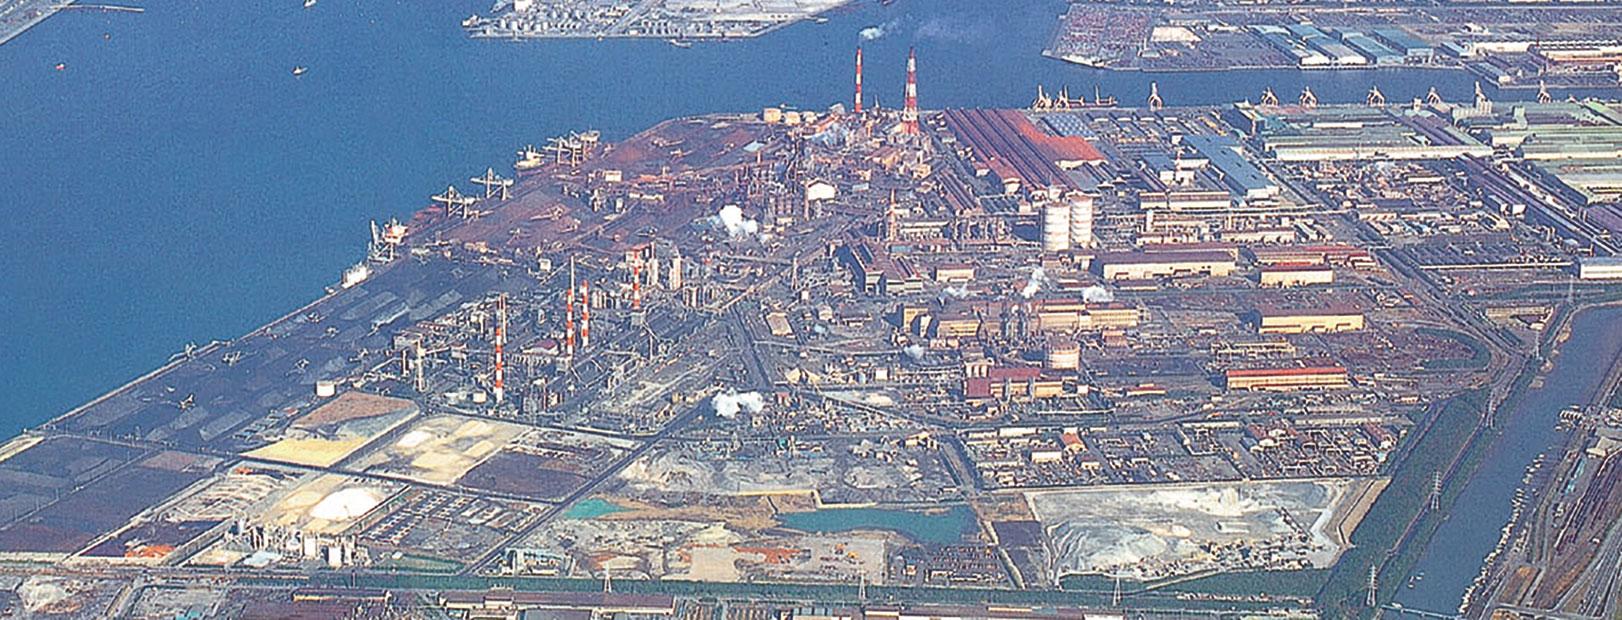 日本製鉄 名古屋第3高炉改修、自動車鋼板 一貫体制を強化